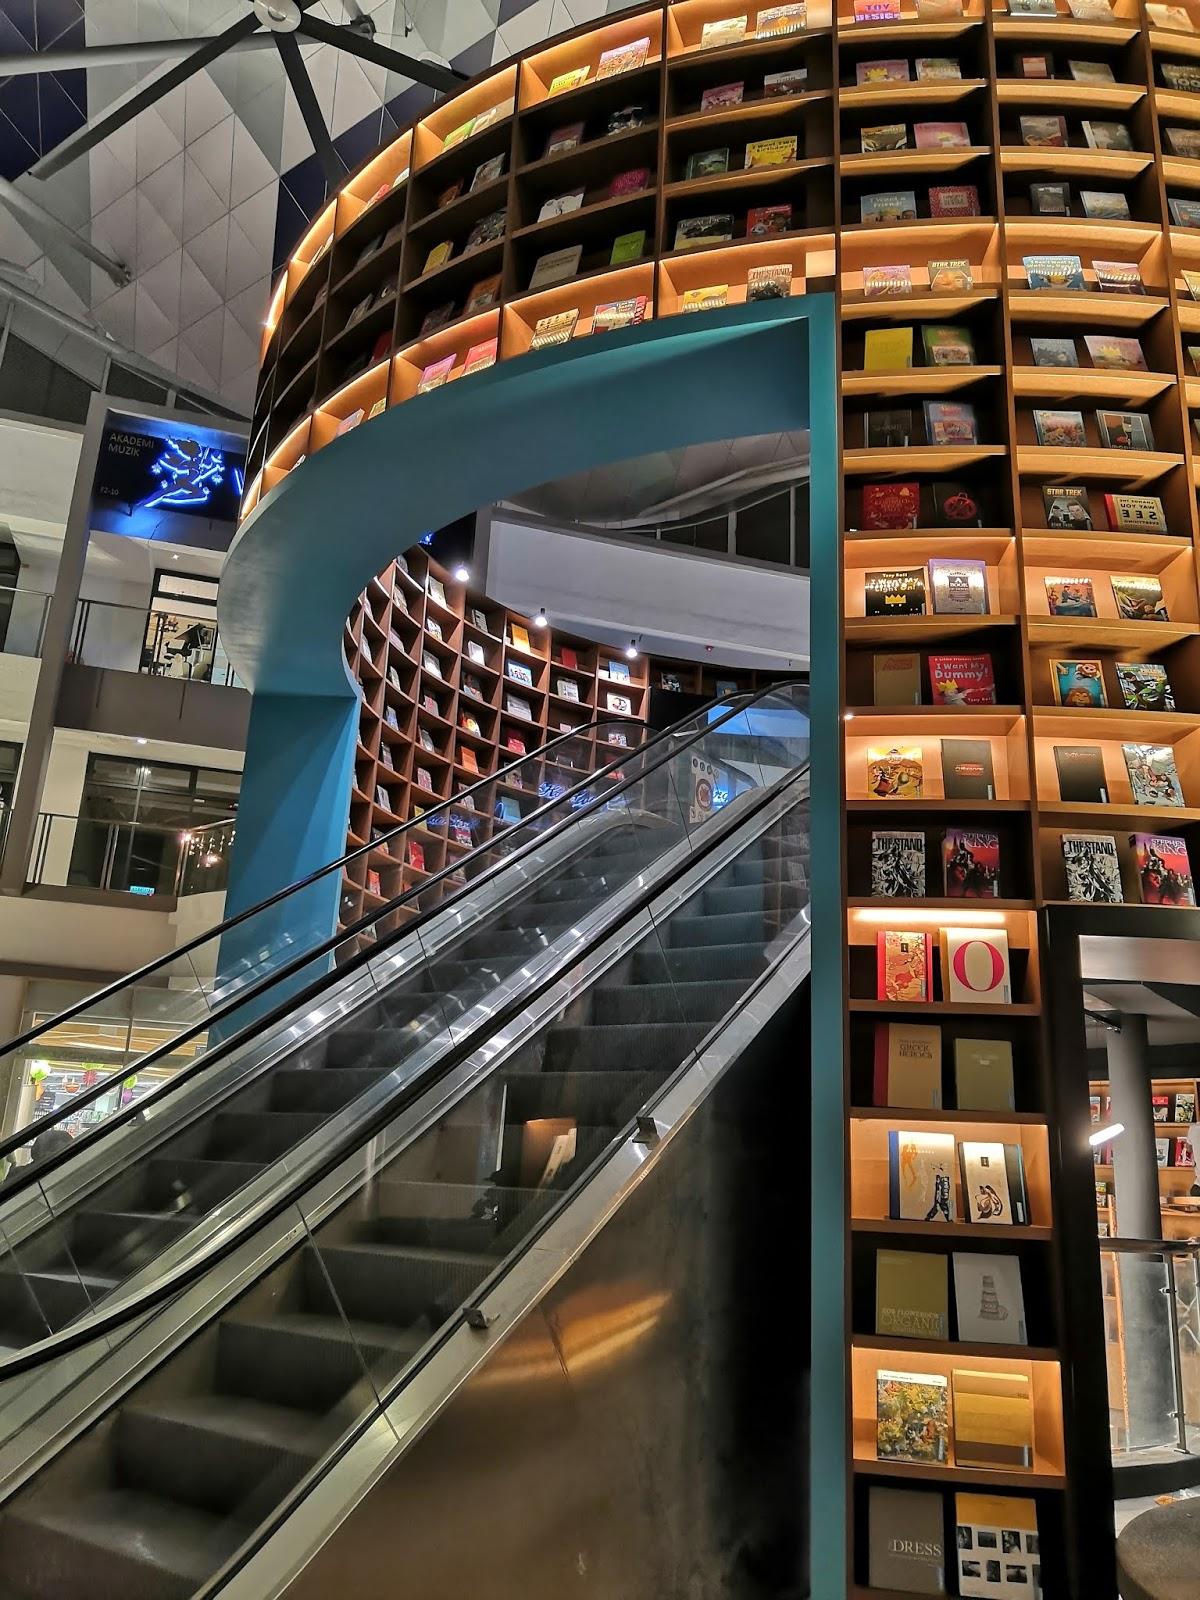 Kedai Buku Pertama di Malaysia Yang Berkonsepkan Terowong Buku Dibuka di BookXcess Sunsuria Forum